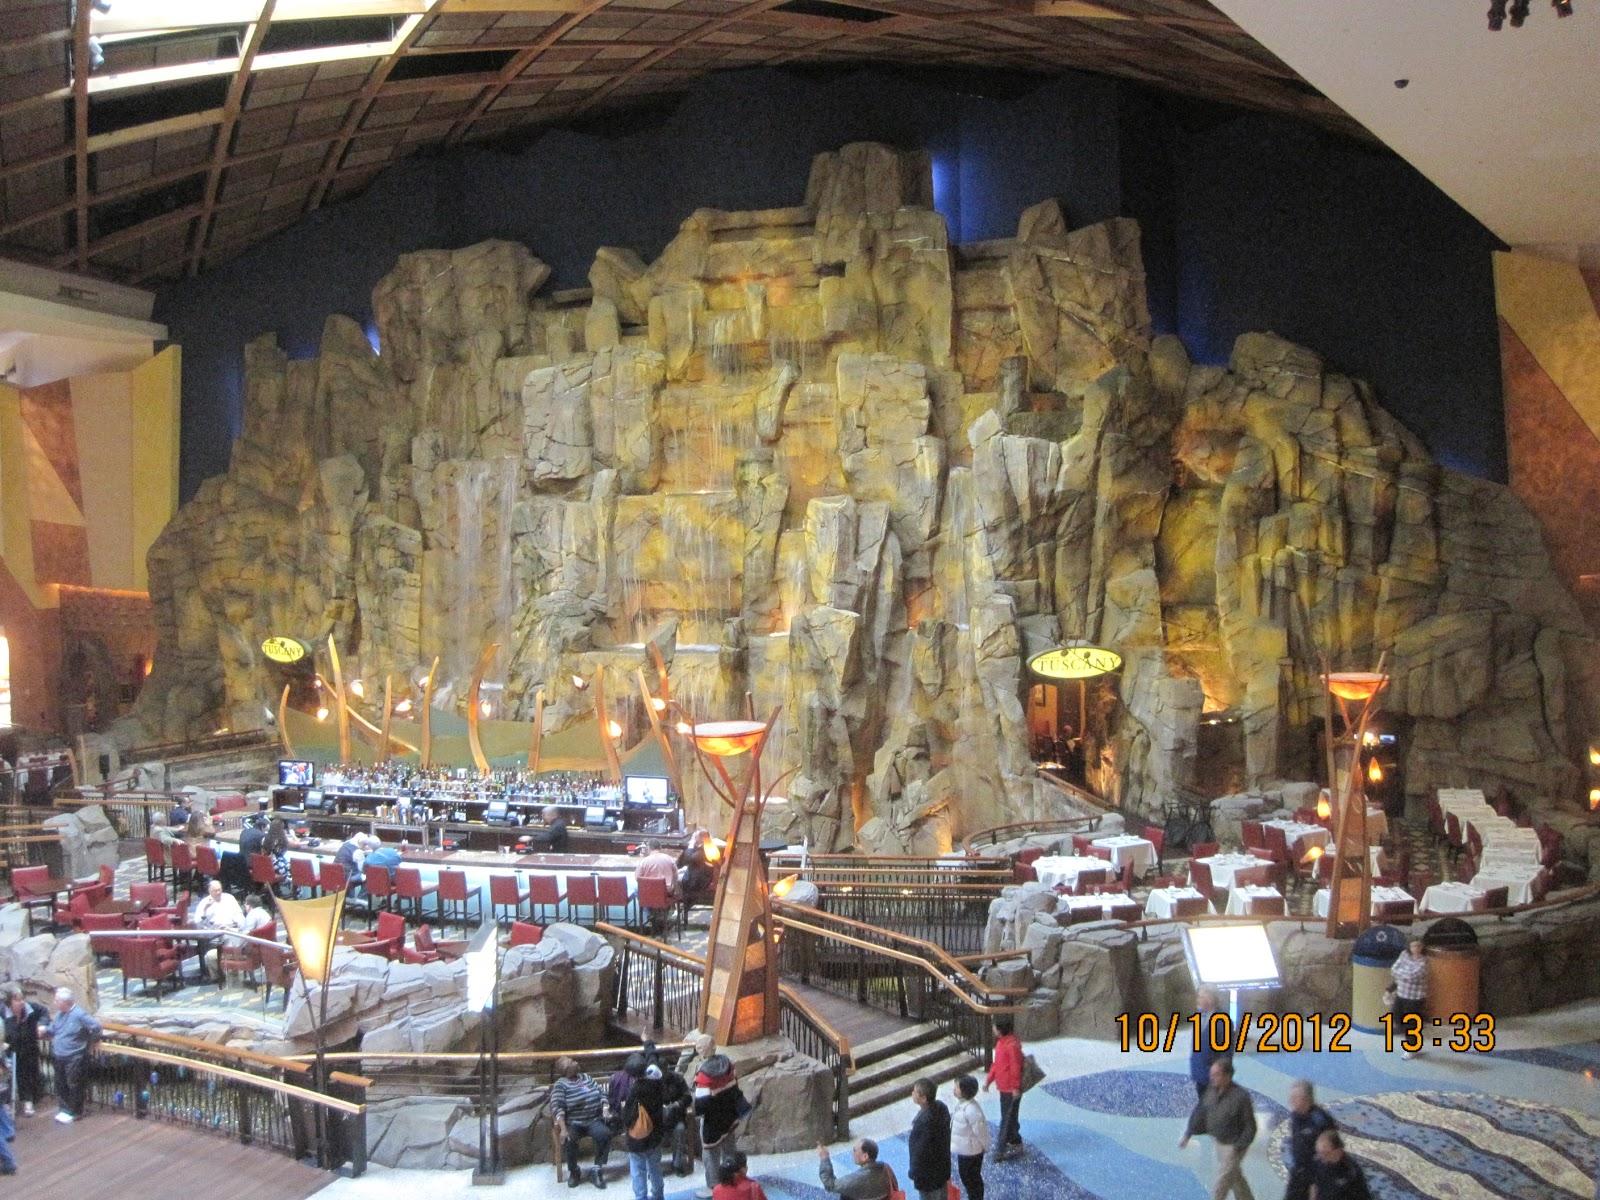 Levesque S Adventures Oct 10 Mohegan Sun Casino